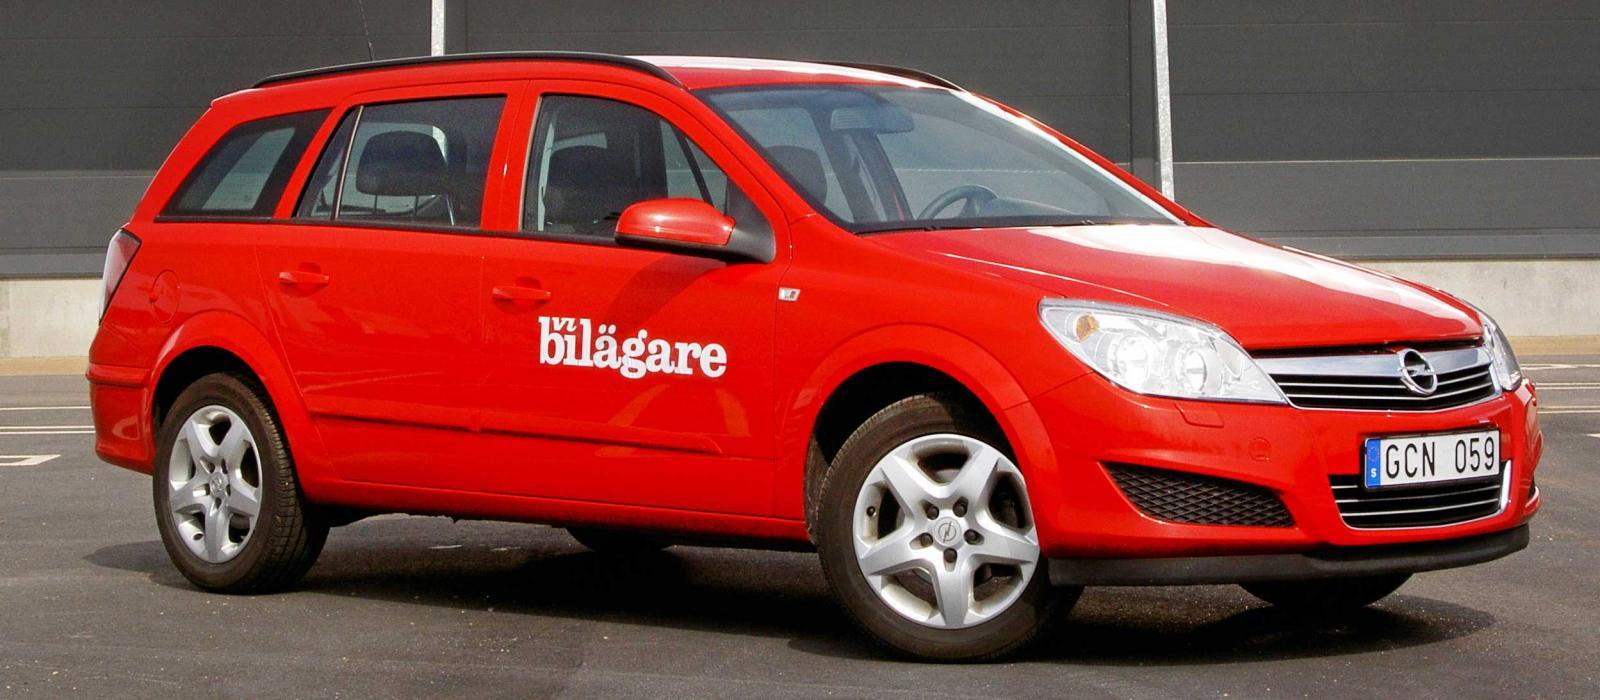 Att byta ABS/ESP-enhet på en Opel Astra går på 41307 kr.